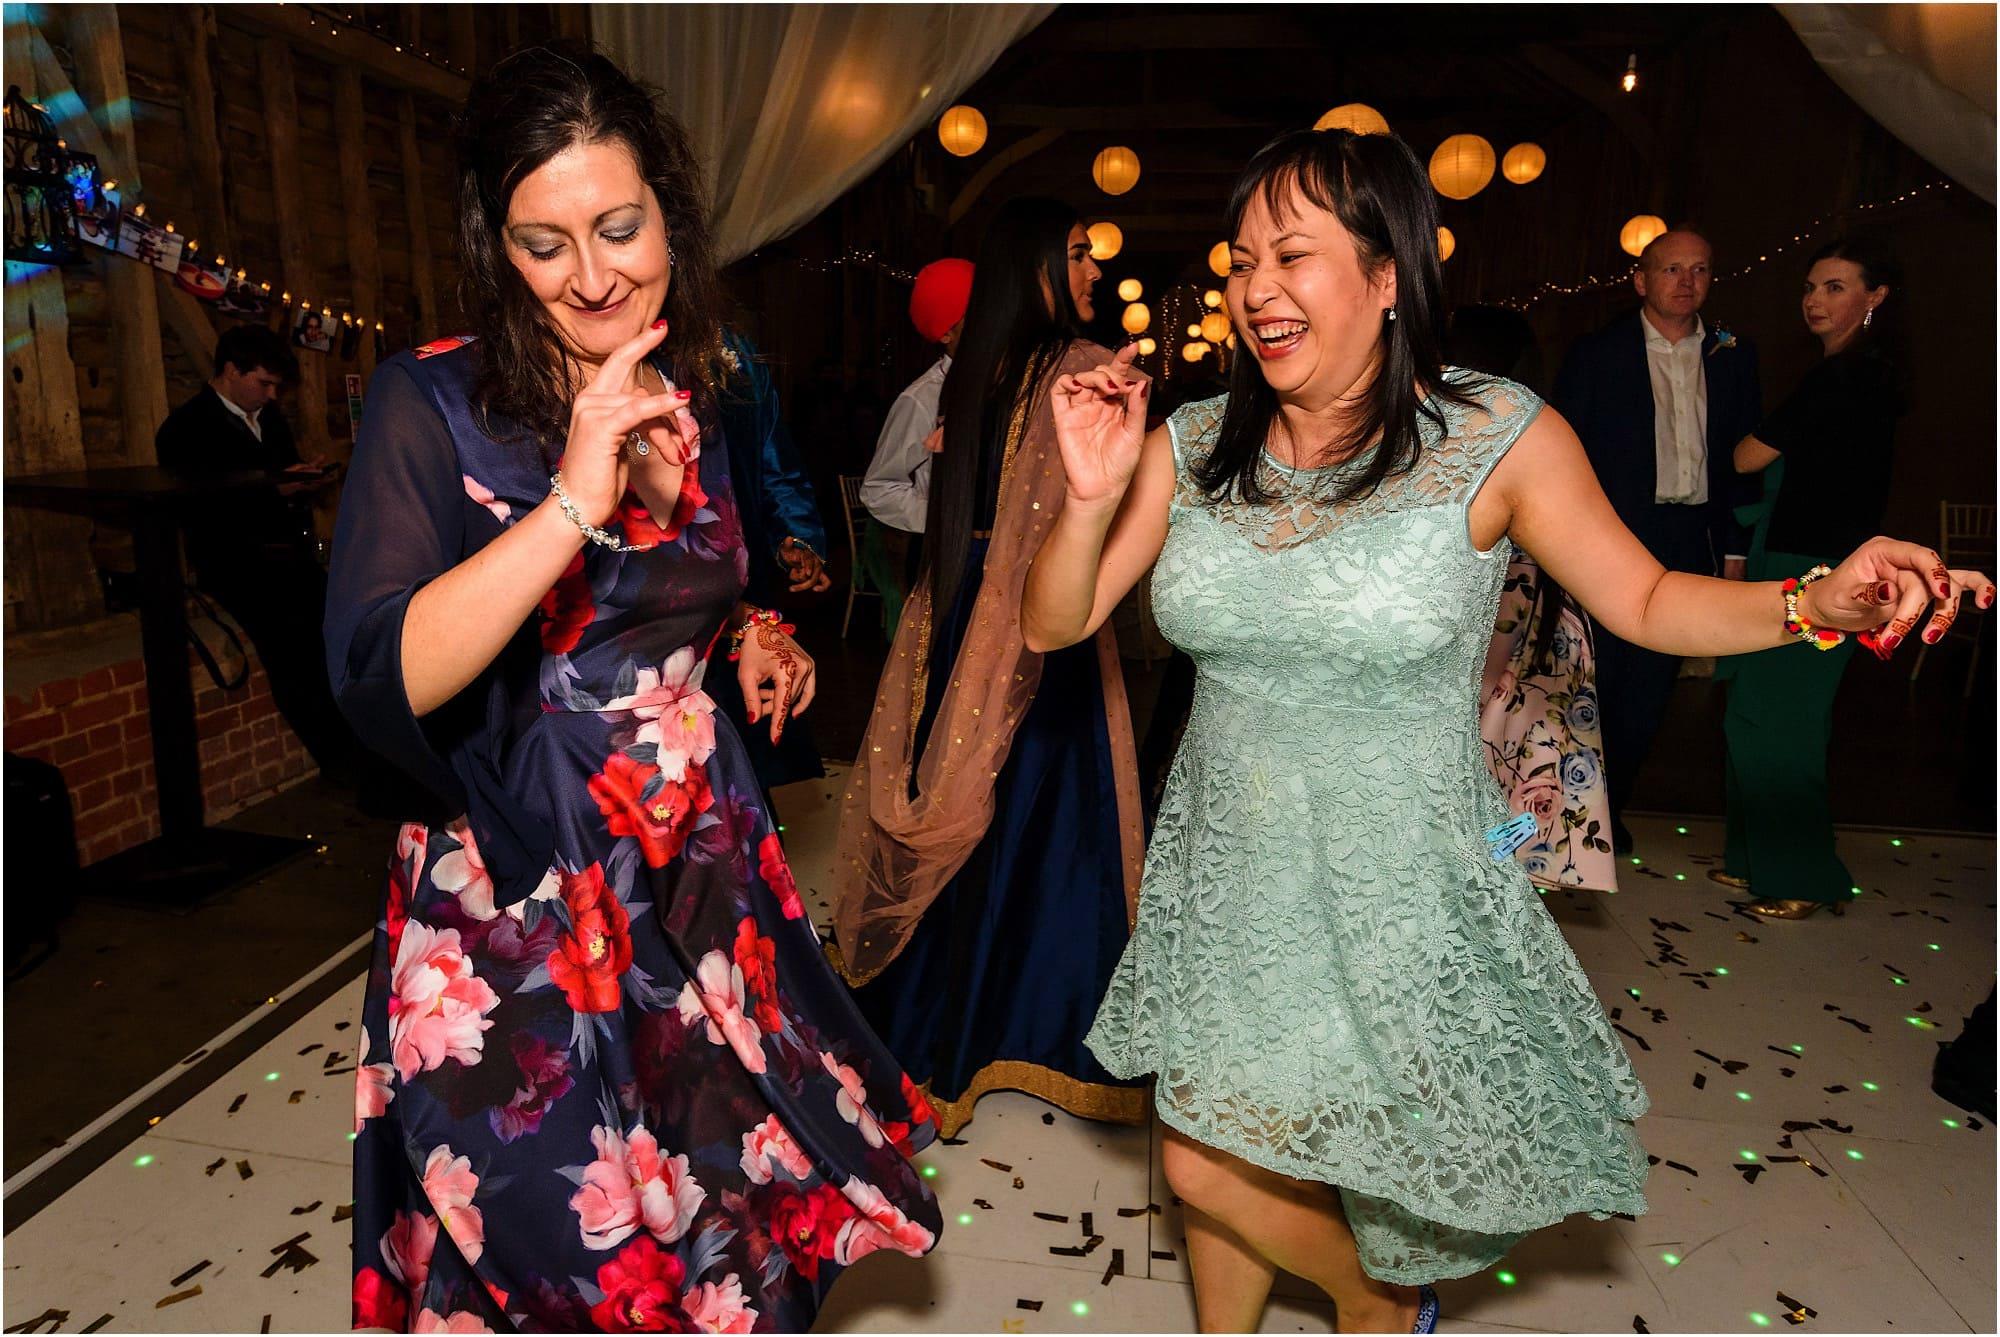 Dancing guests having fun